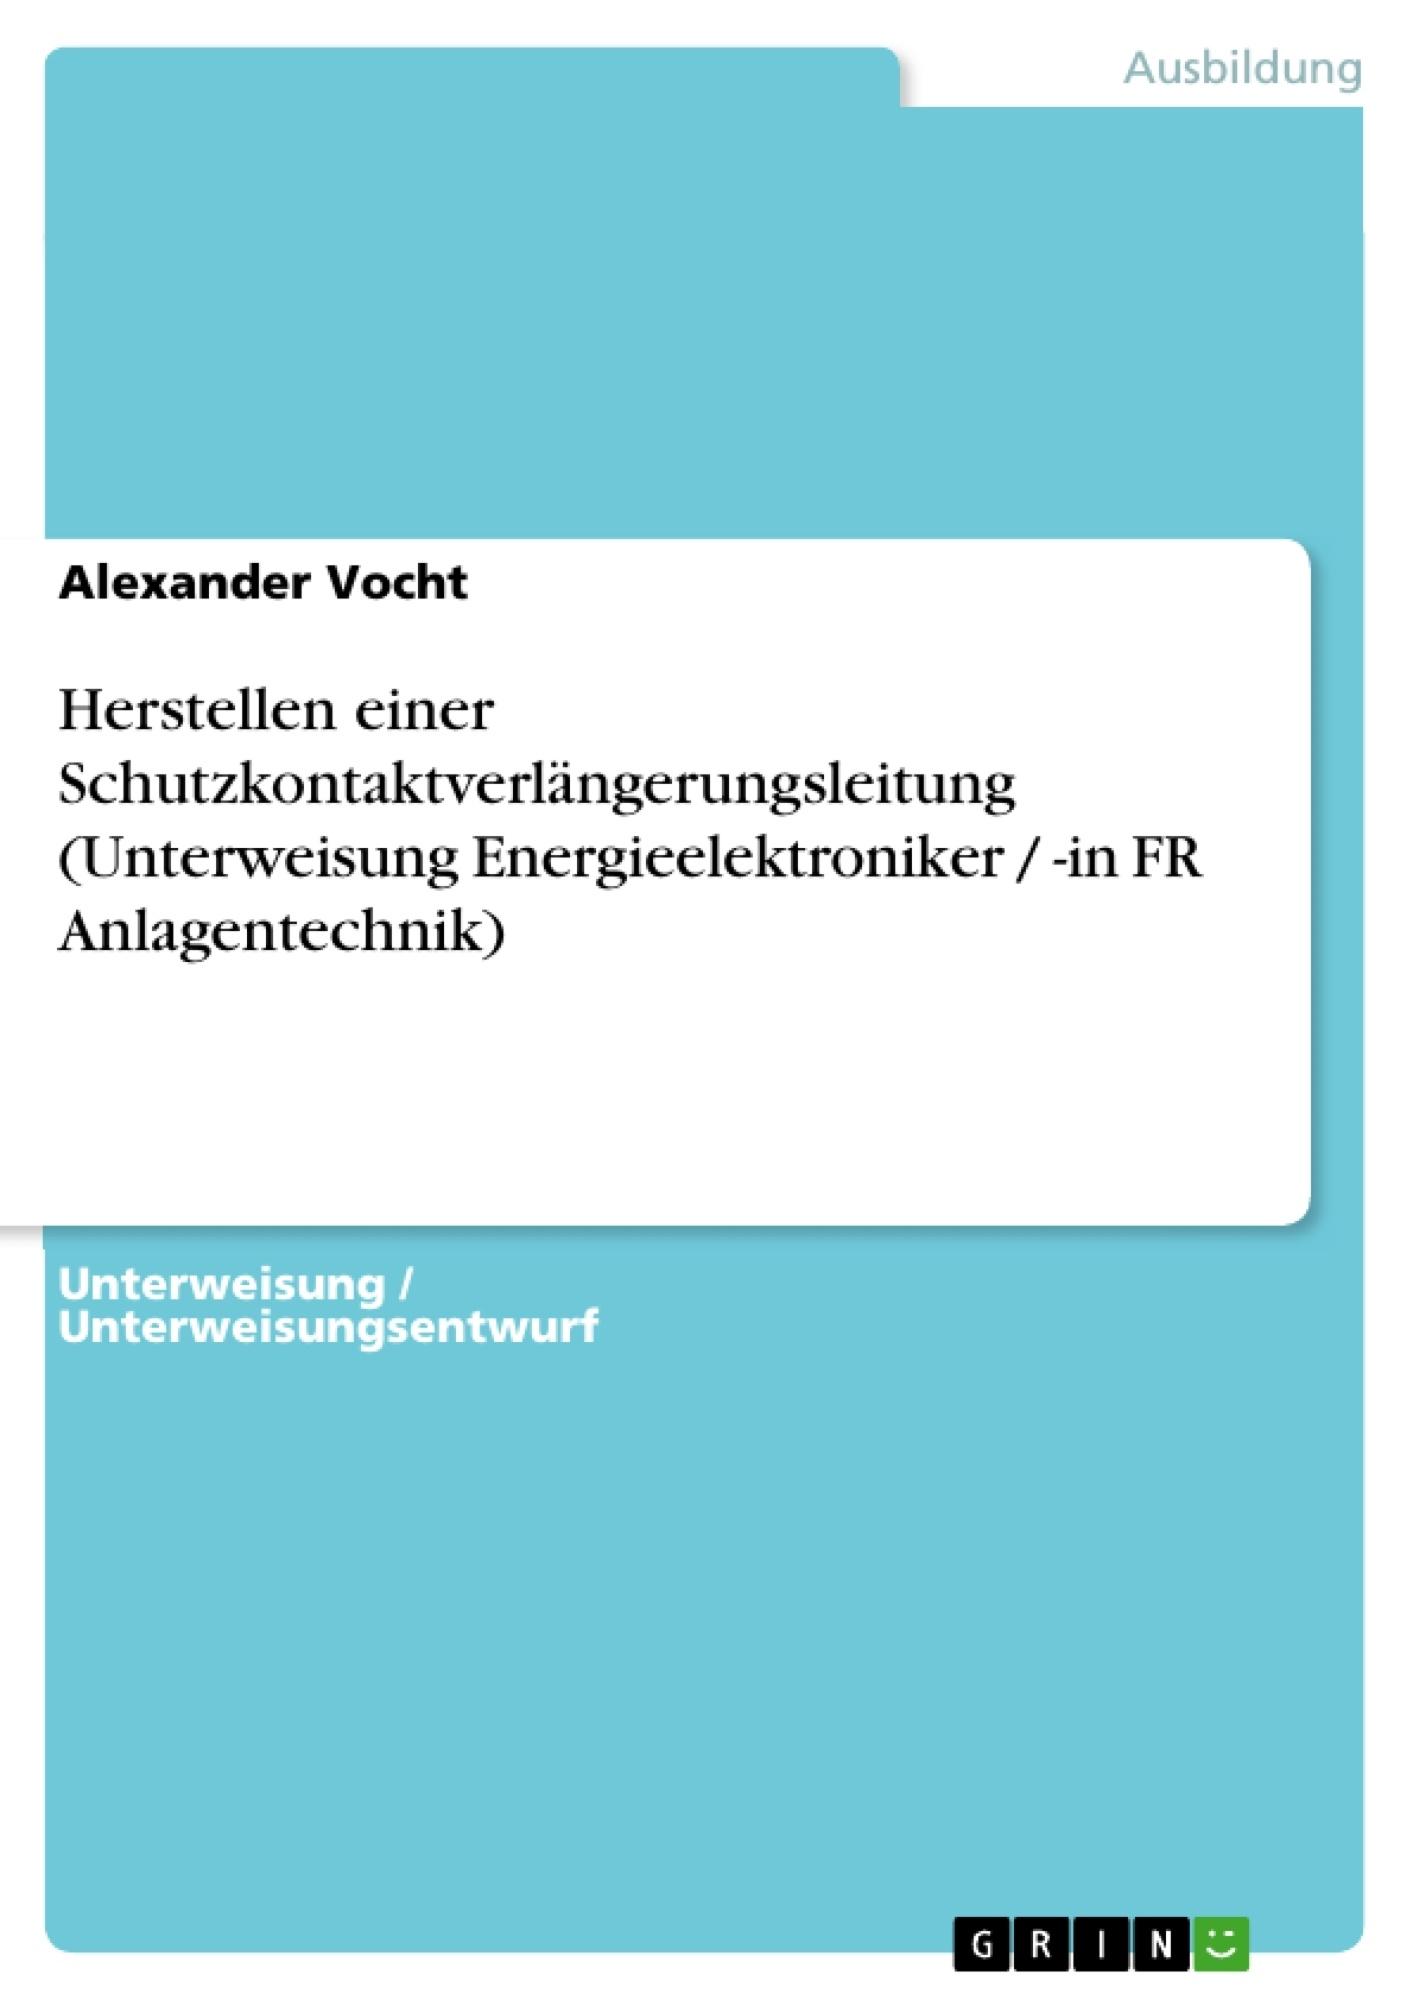 Titel: Herstellen einer Schutzkontaktverlängerungsleitung (Unterweisung Energieelektroniker / -in FR Anlagentechnik)